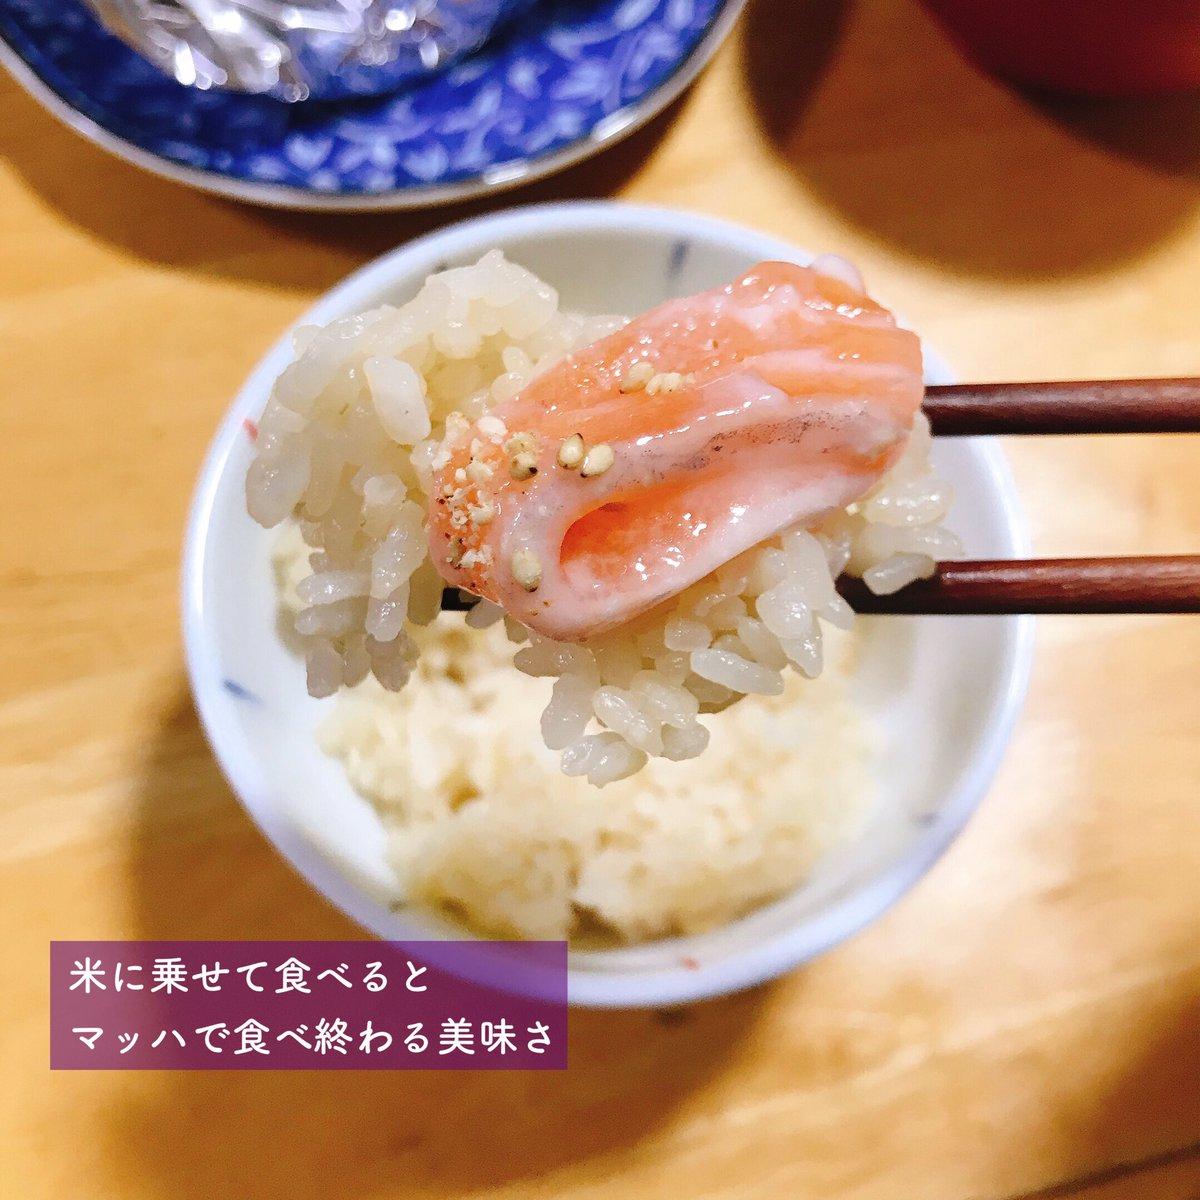 ごはんもお酒も進みそう!塩麹を使った、サーモンのお刺身の美味しい食べ方!